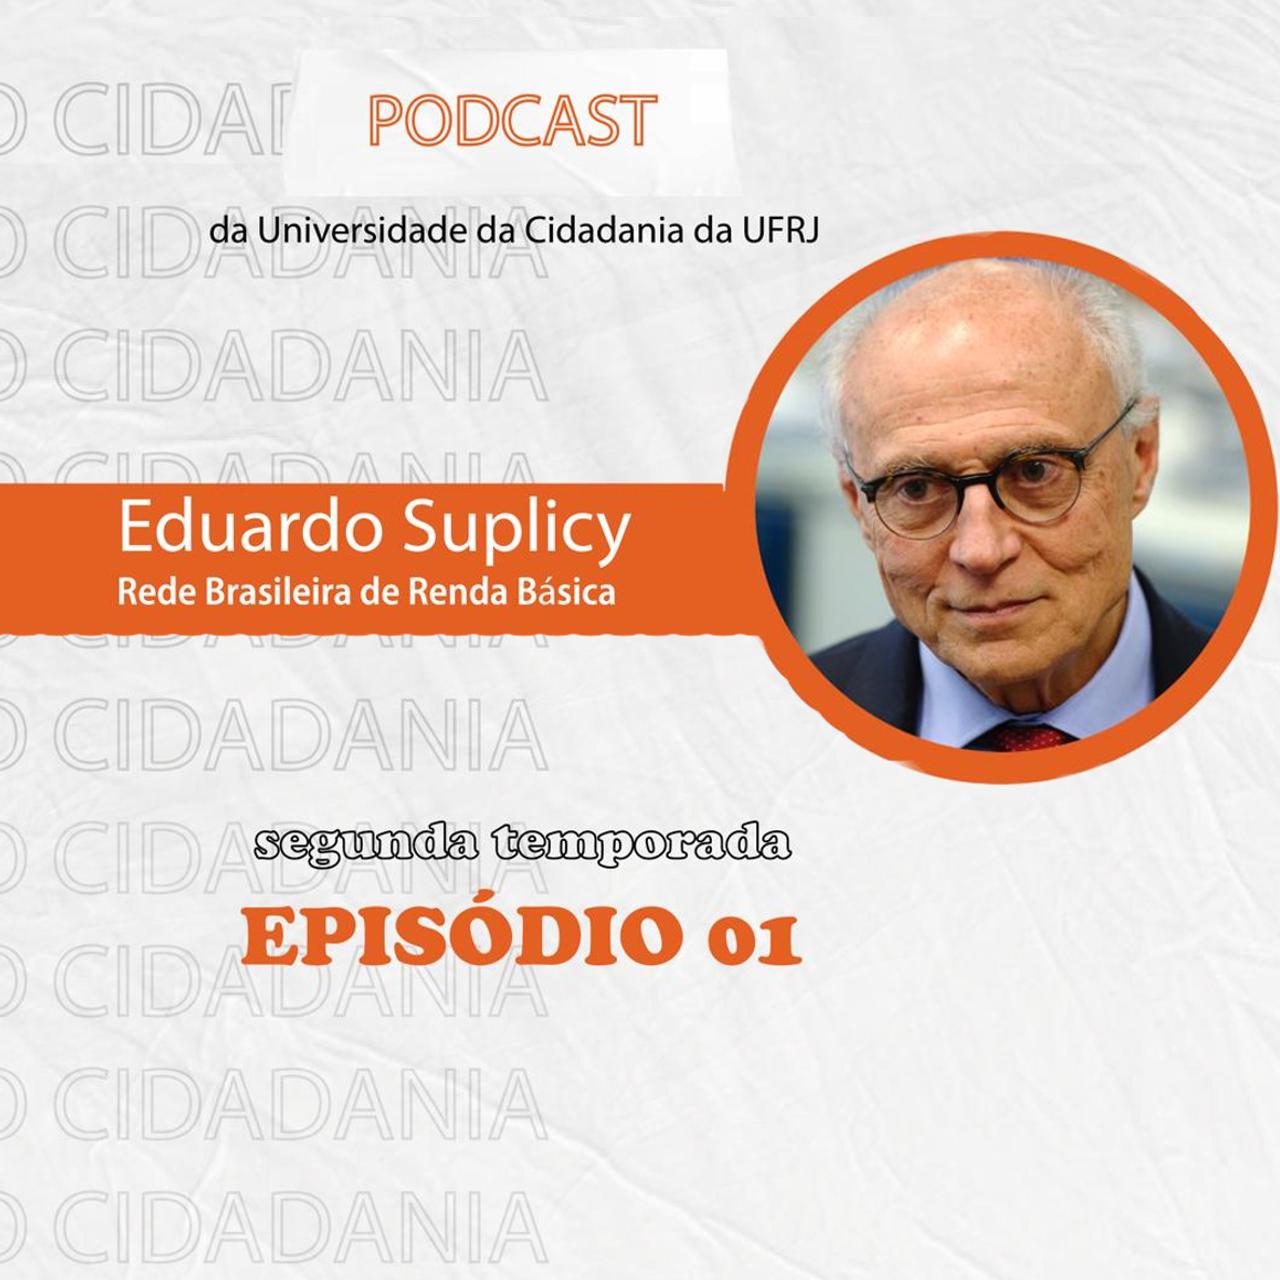 Podcast de Eduardo Suplicy - Rede Brasileira de Renda Básica